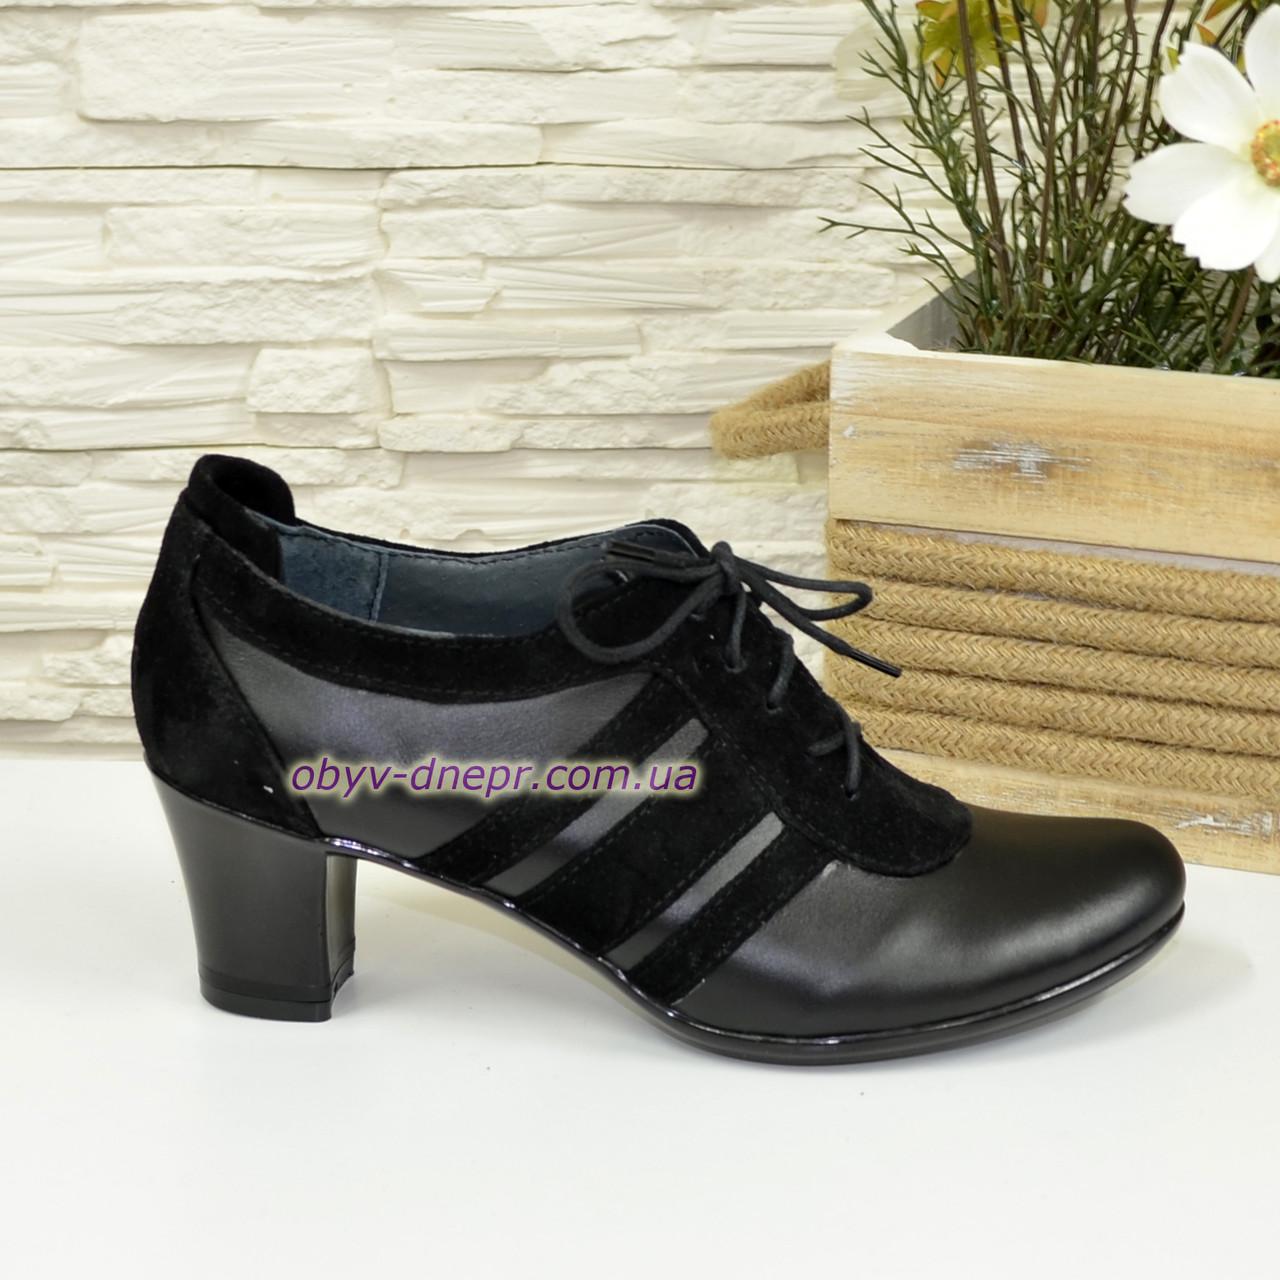 Туфли женские кожаные на каблуке с замшевыми вставками. ТМ